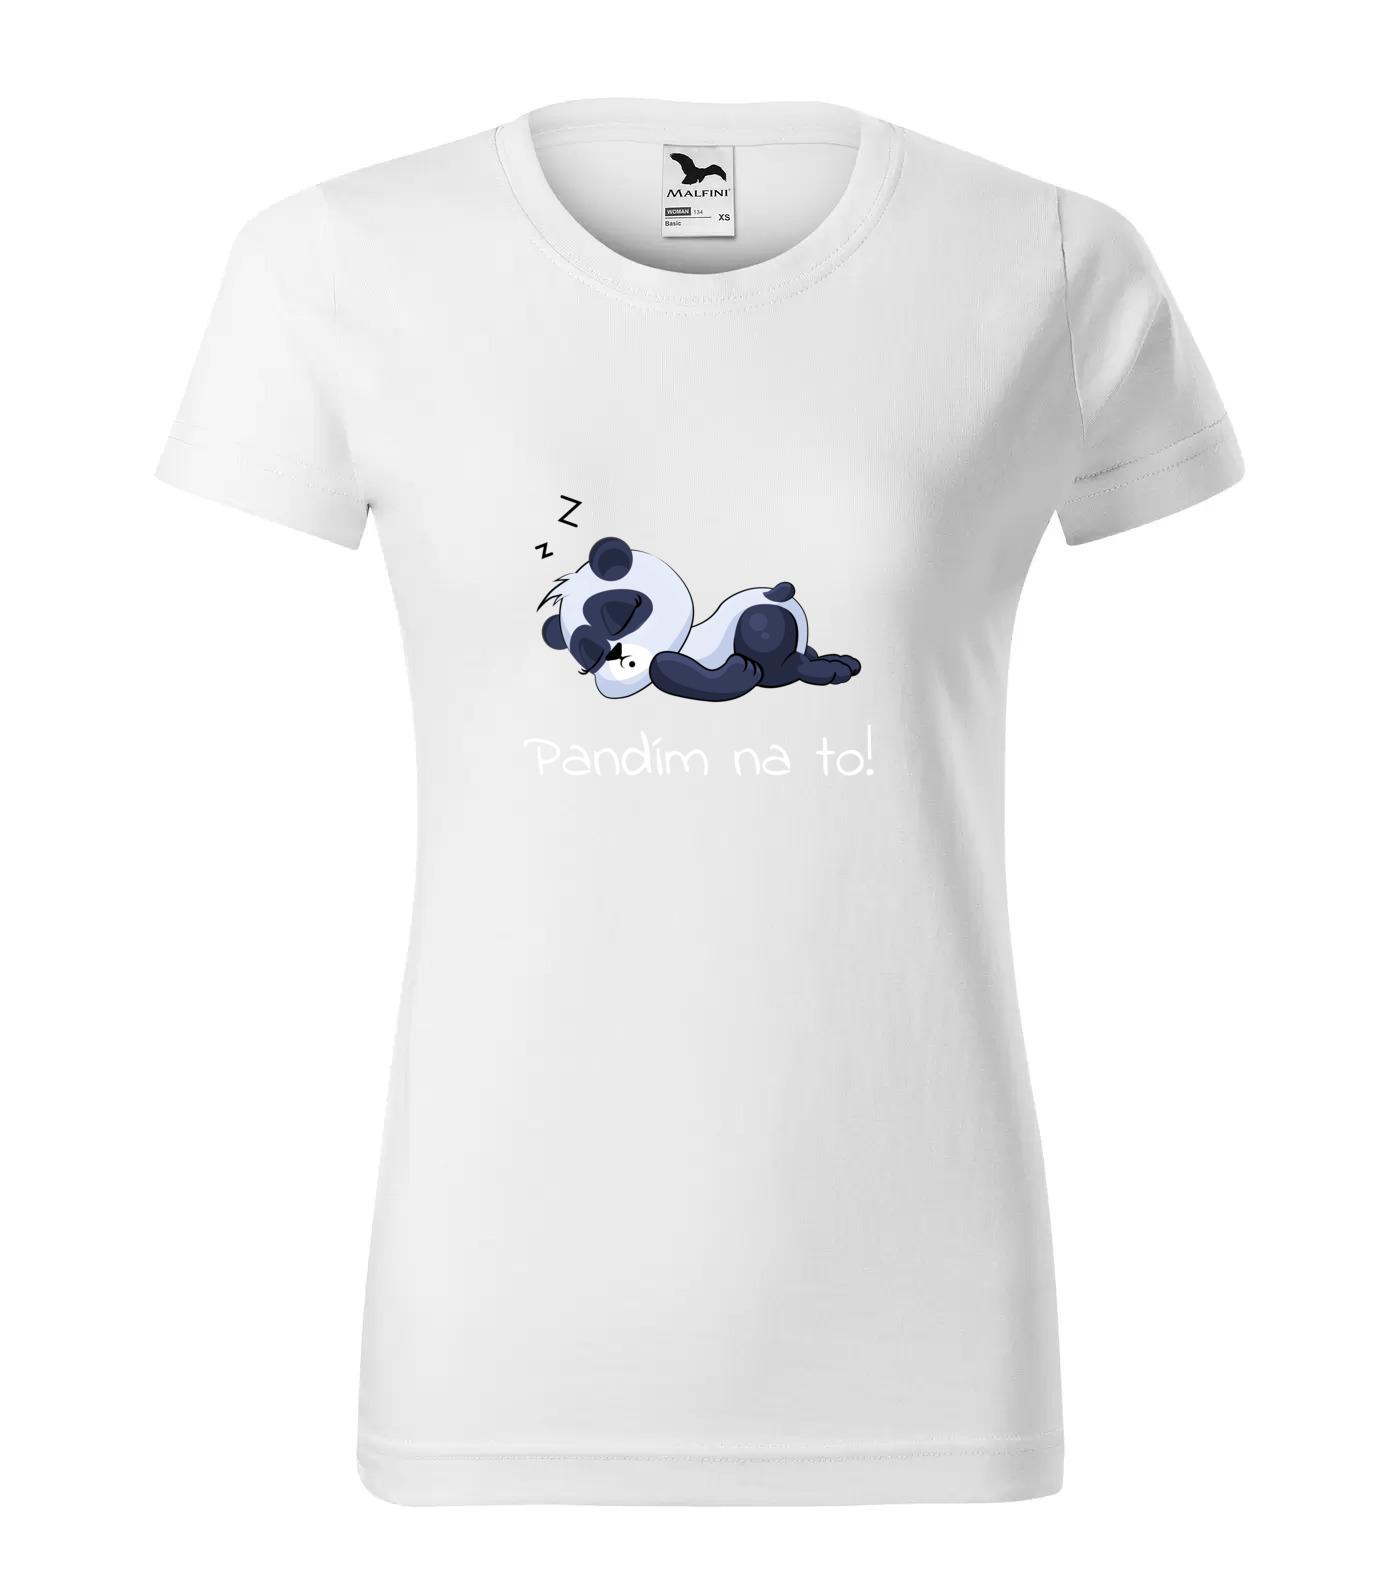 Tričko Panda Pandim Na To (bílý nápis)